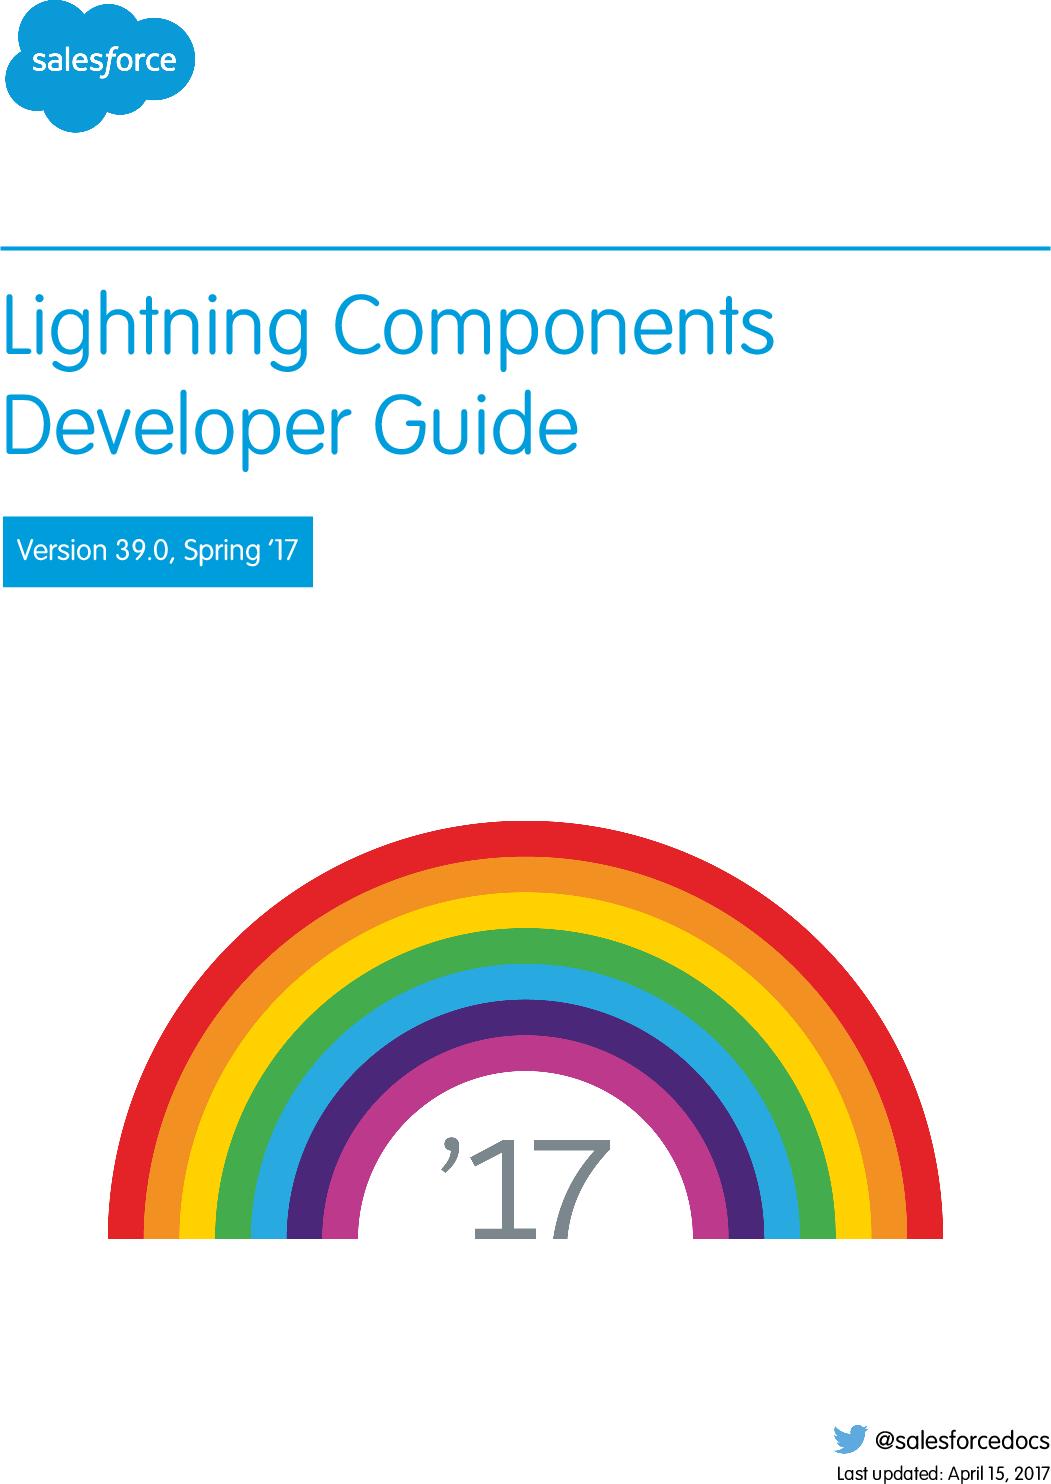 Lightning Components Developer Guide